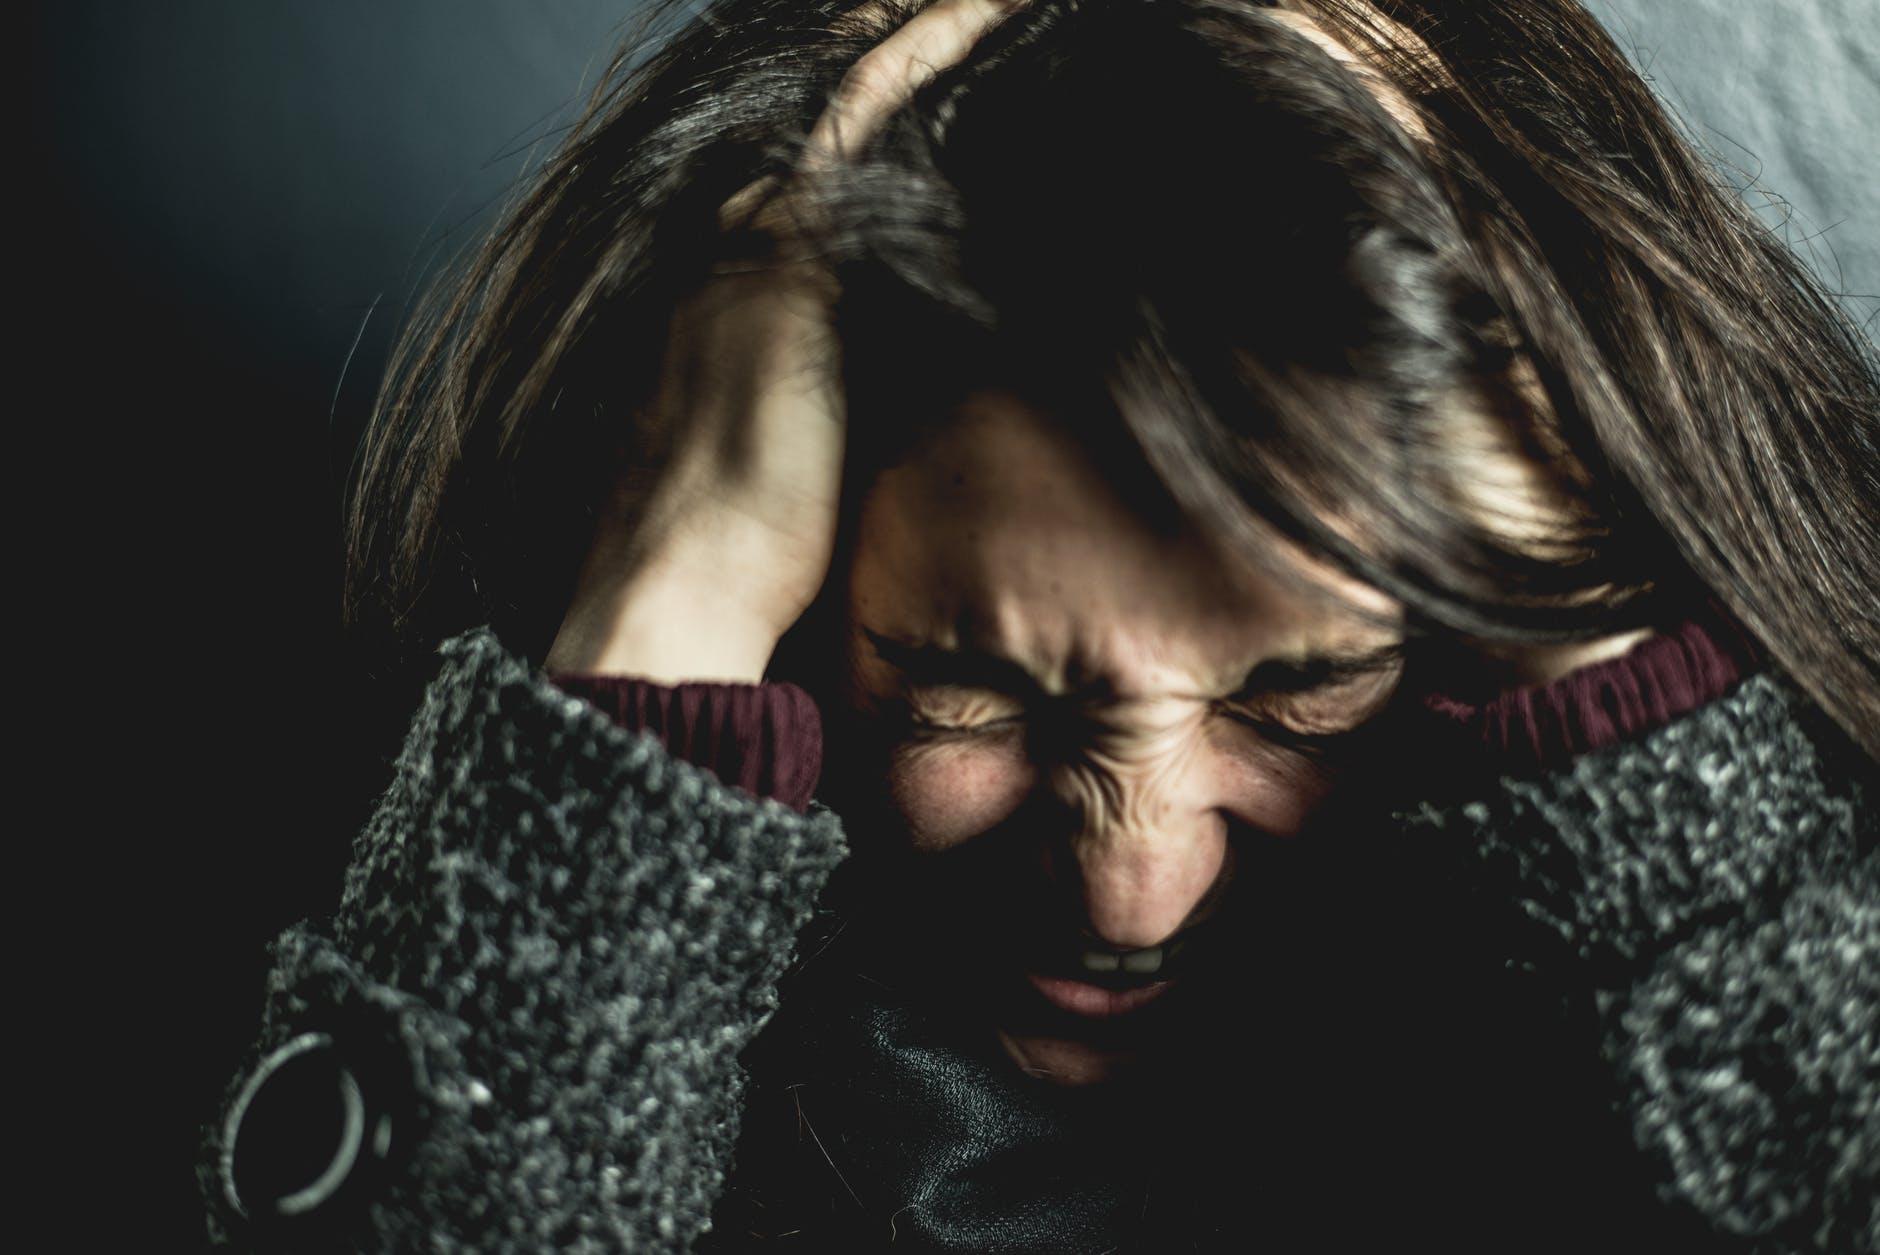 Бесконечная болезнь – это продолжение страха